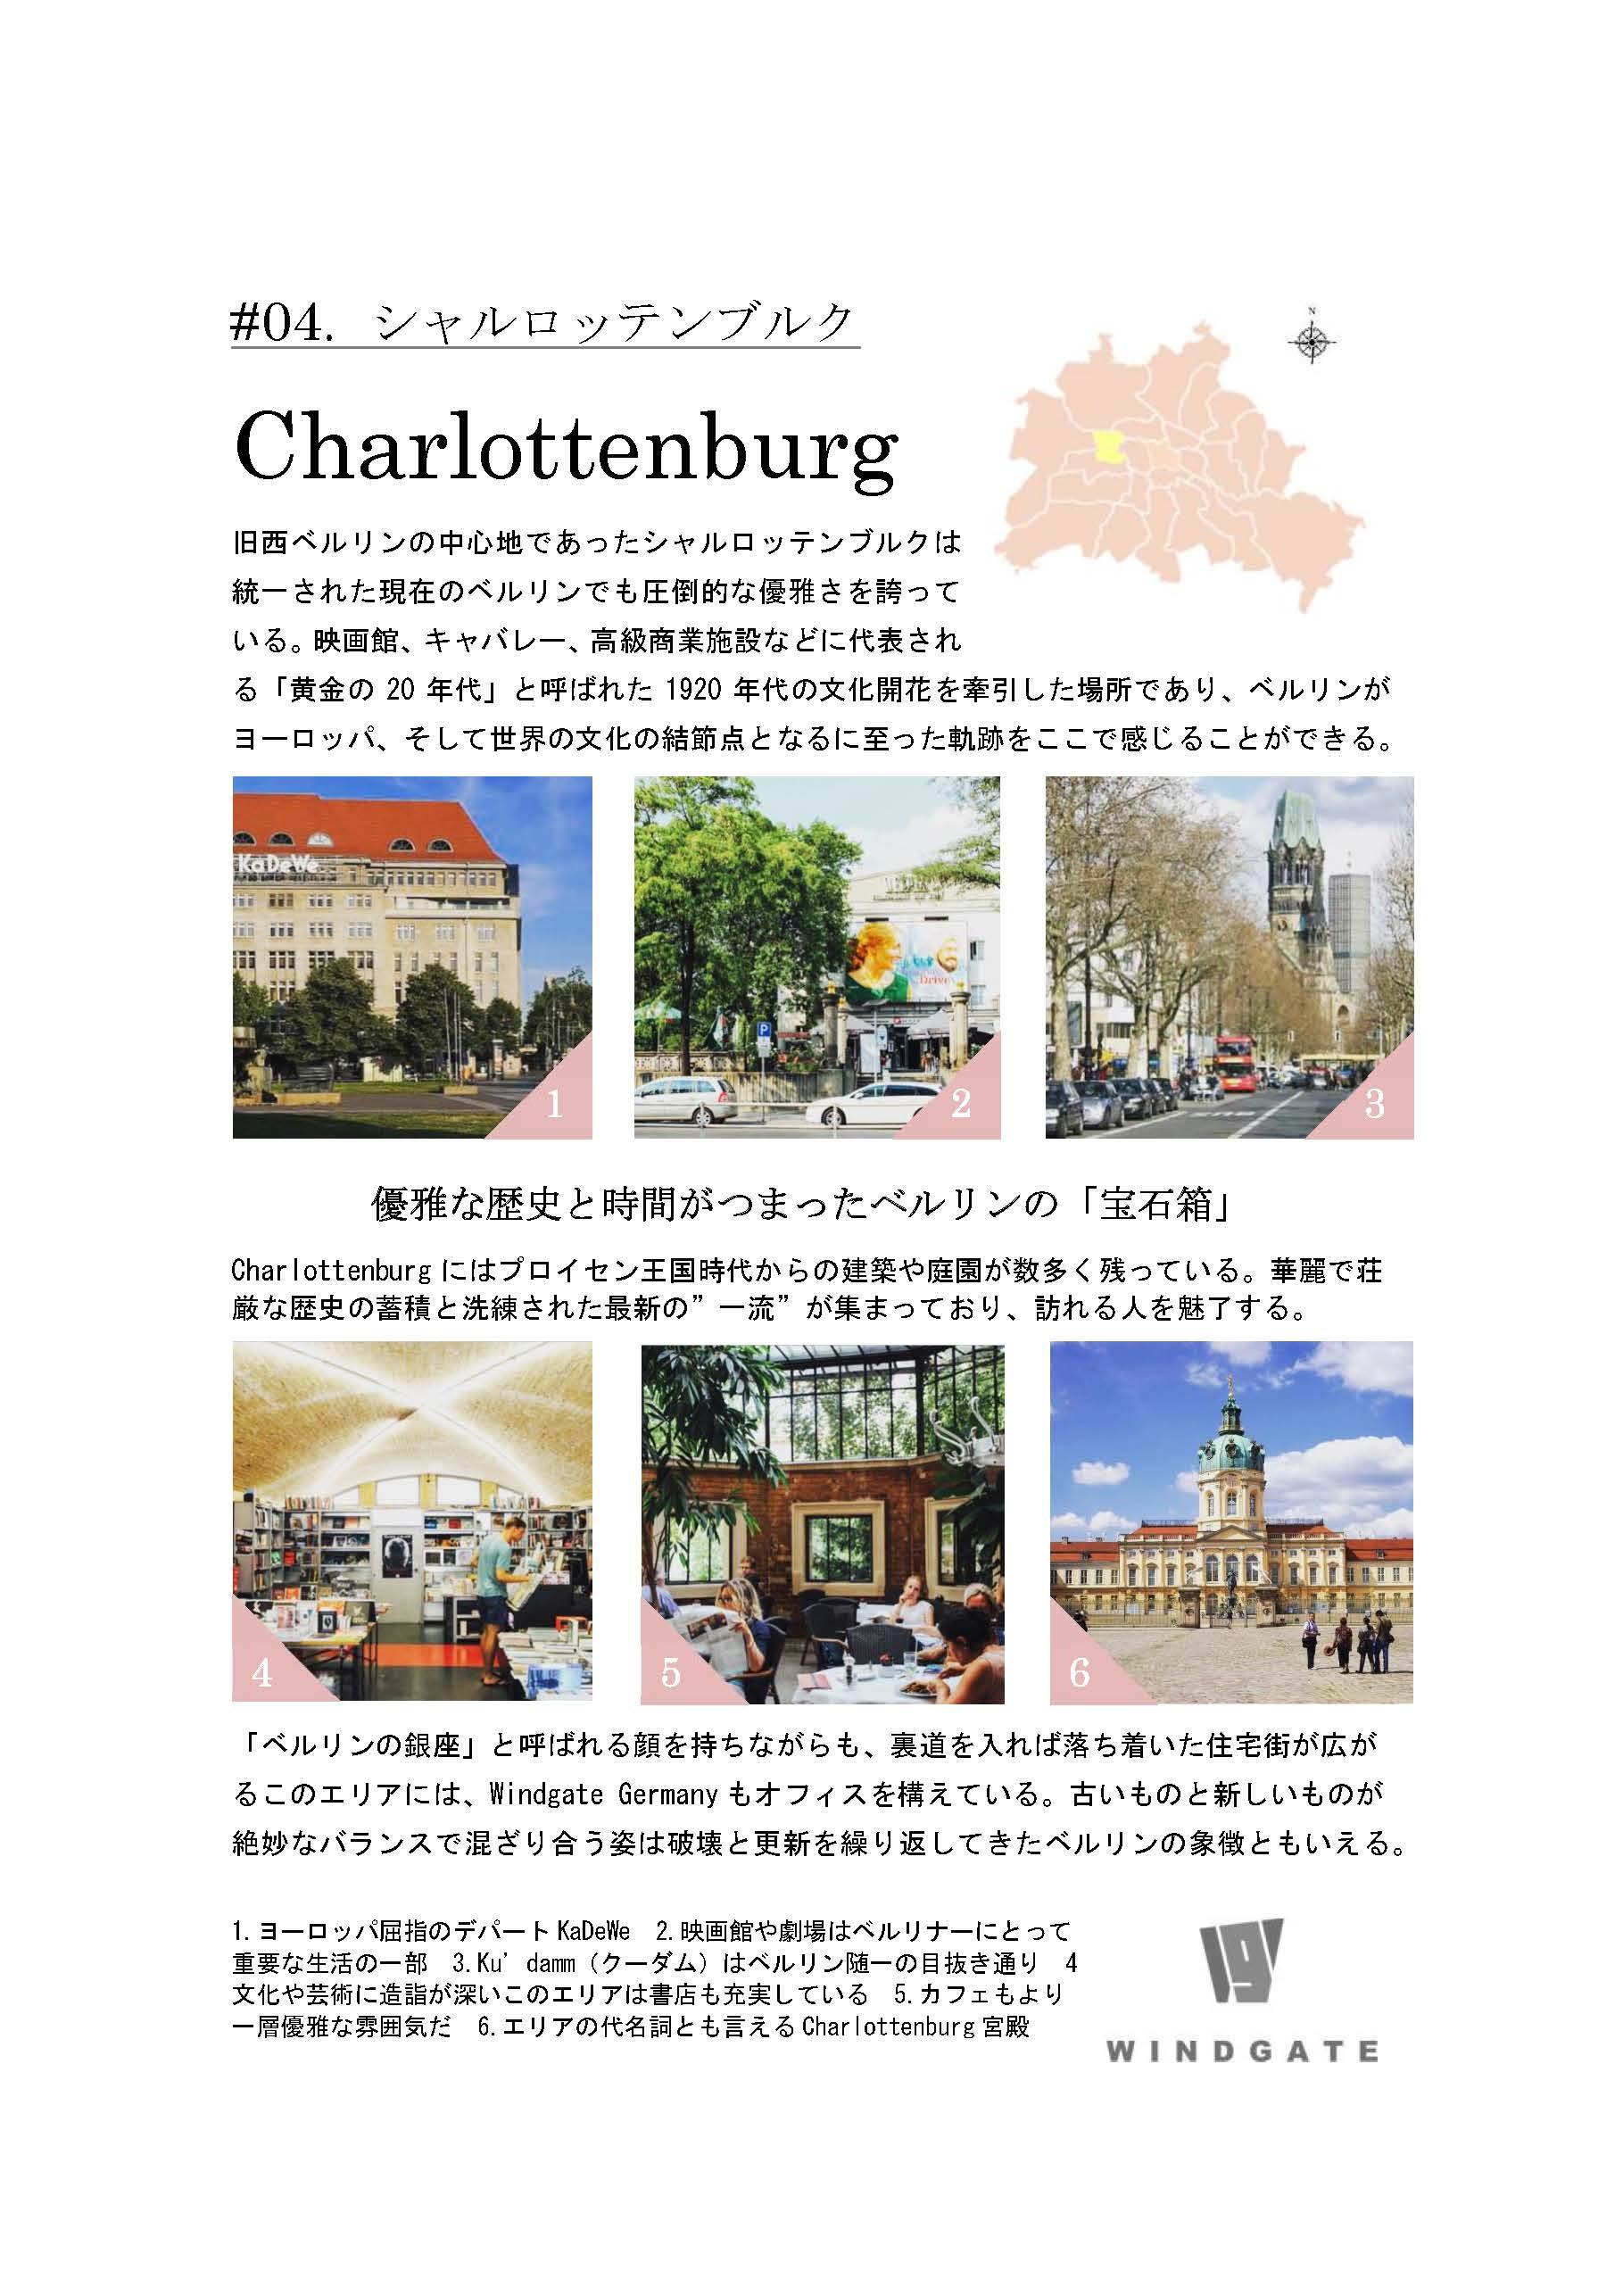 ベルリンエリア紹介【Charlottenburg】